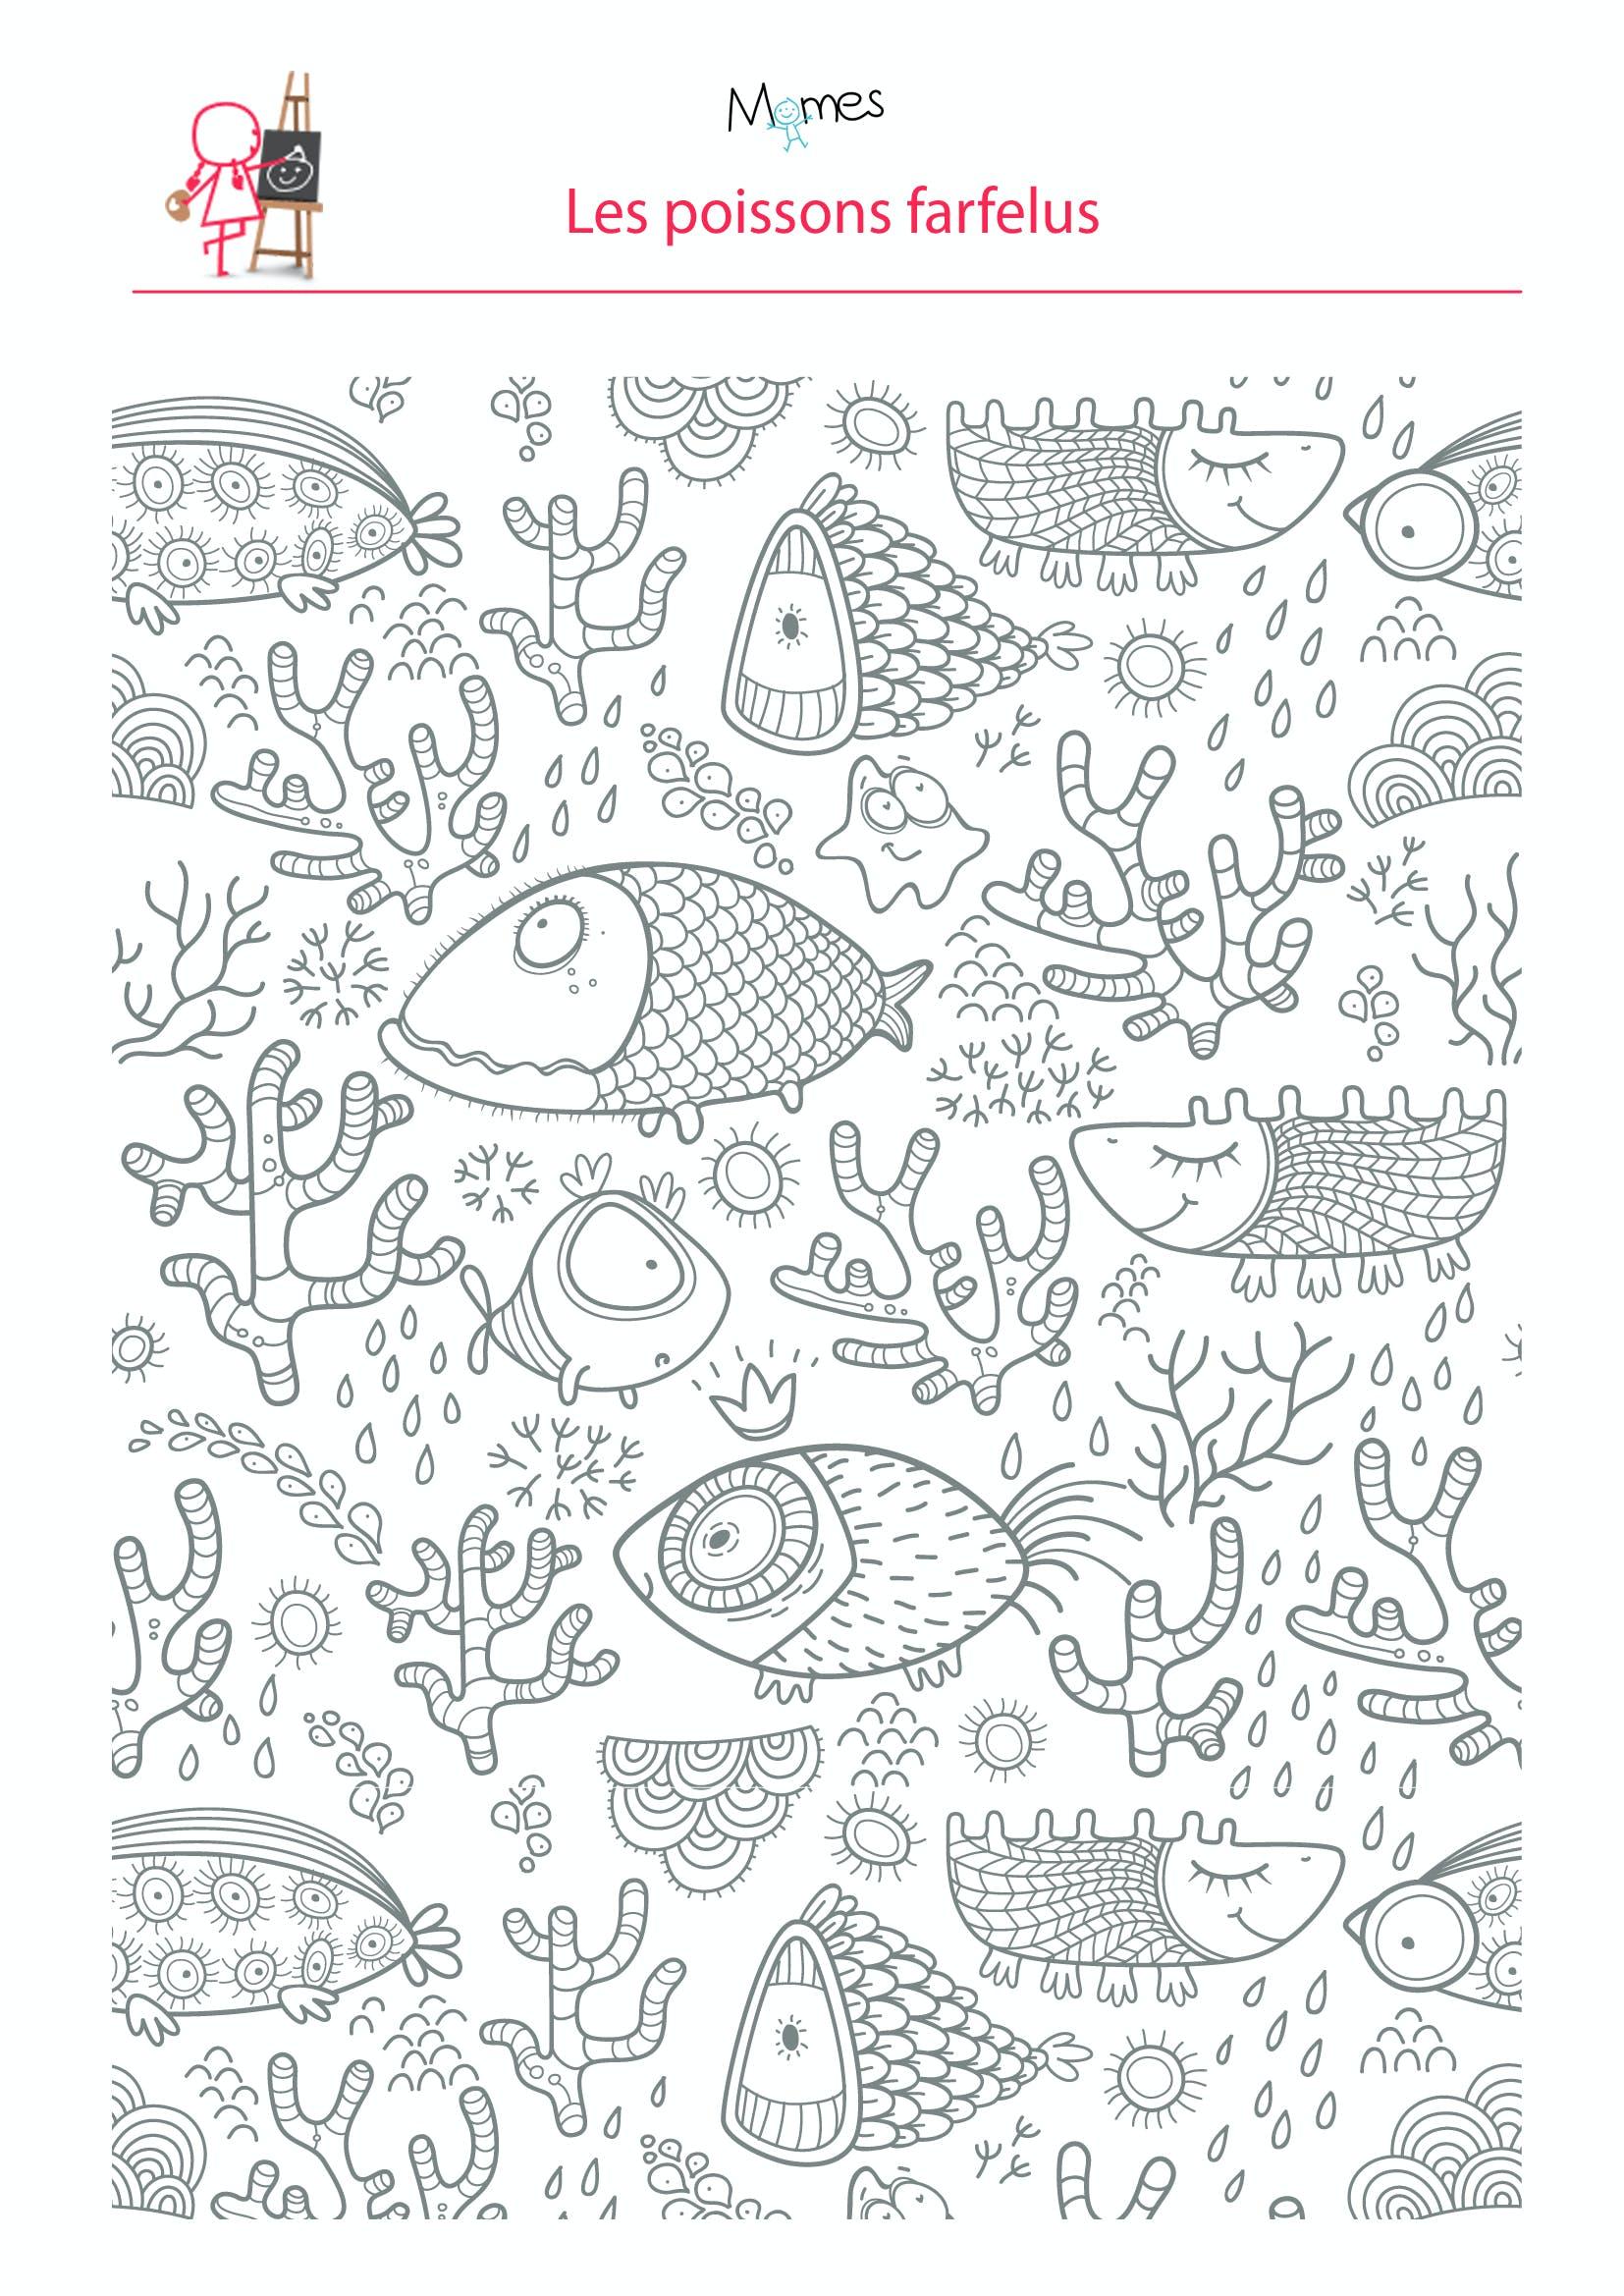 Coloriage poissons dans l'eau   MOMES.net